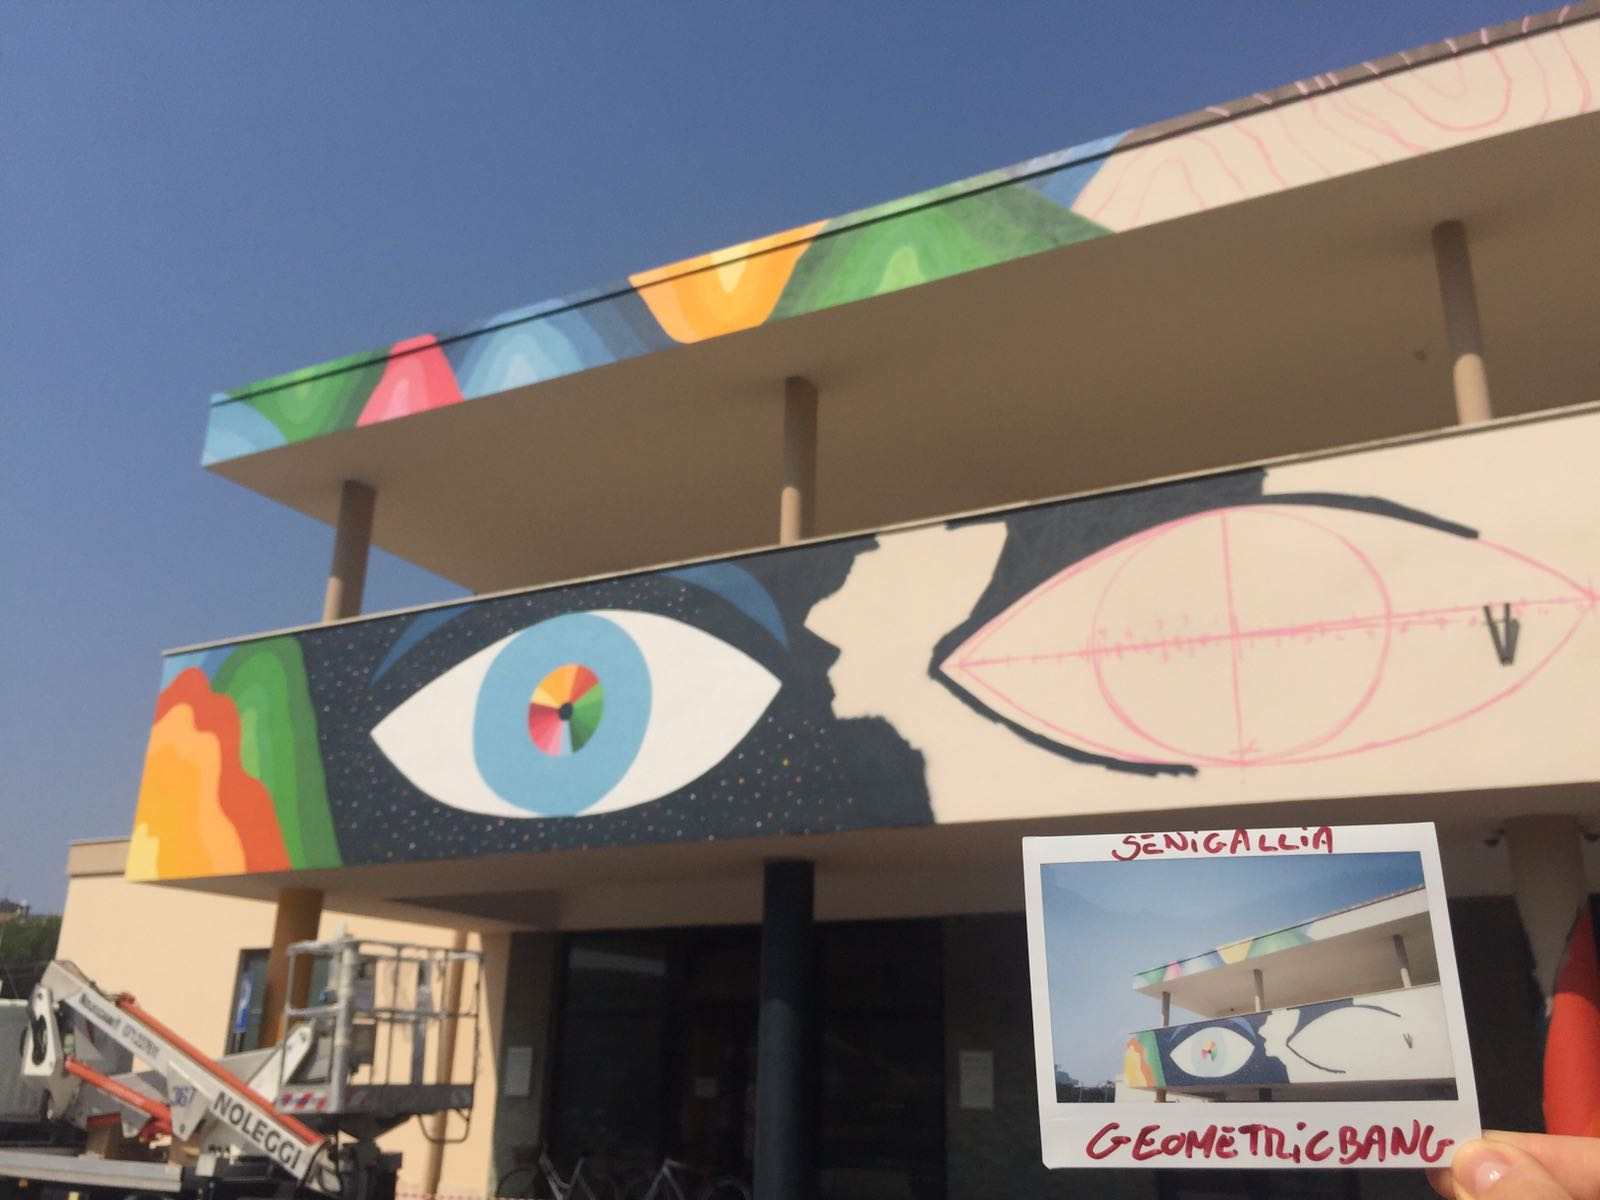 L'artista Geometric bang colora la Stazione di Senigallia